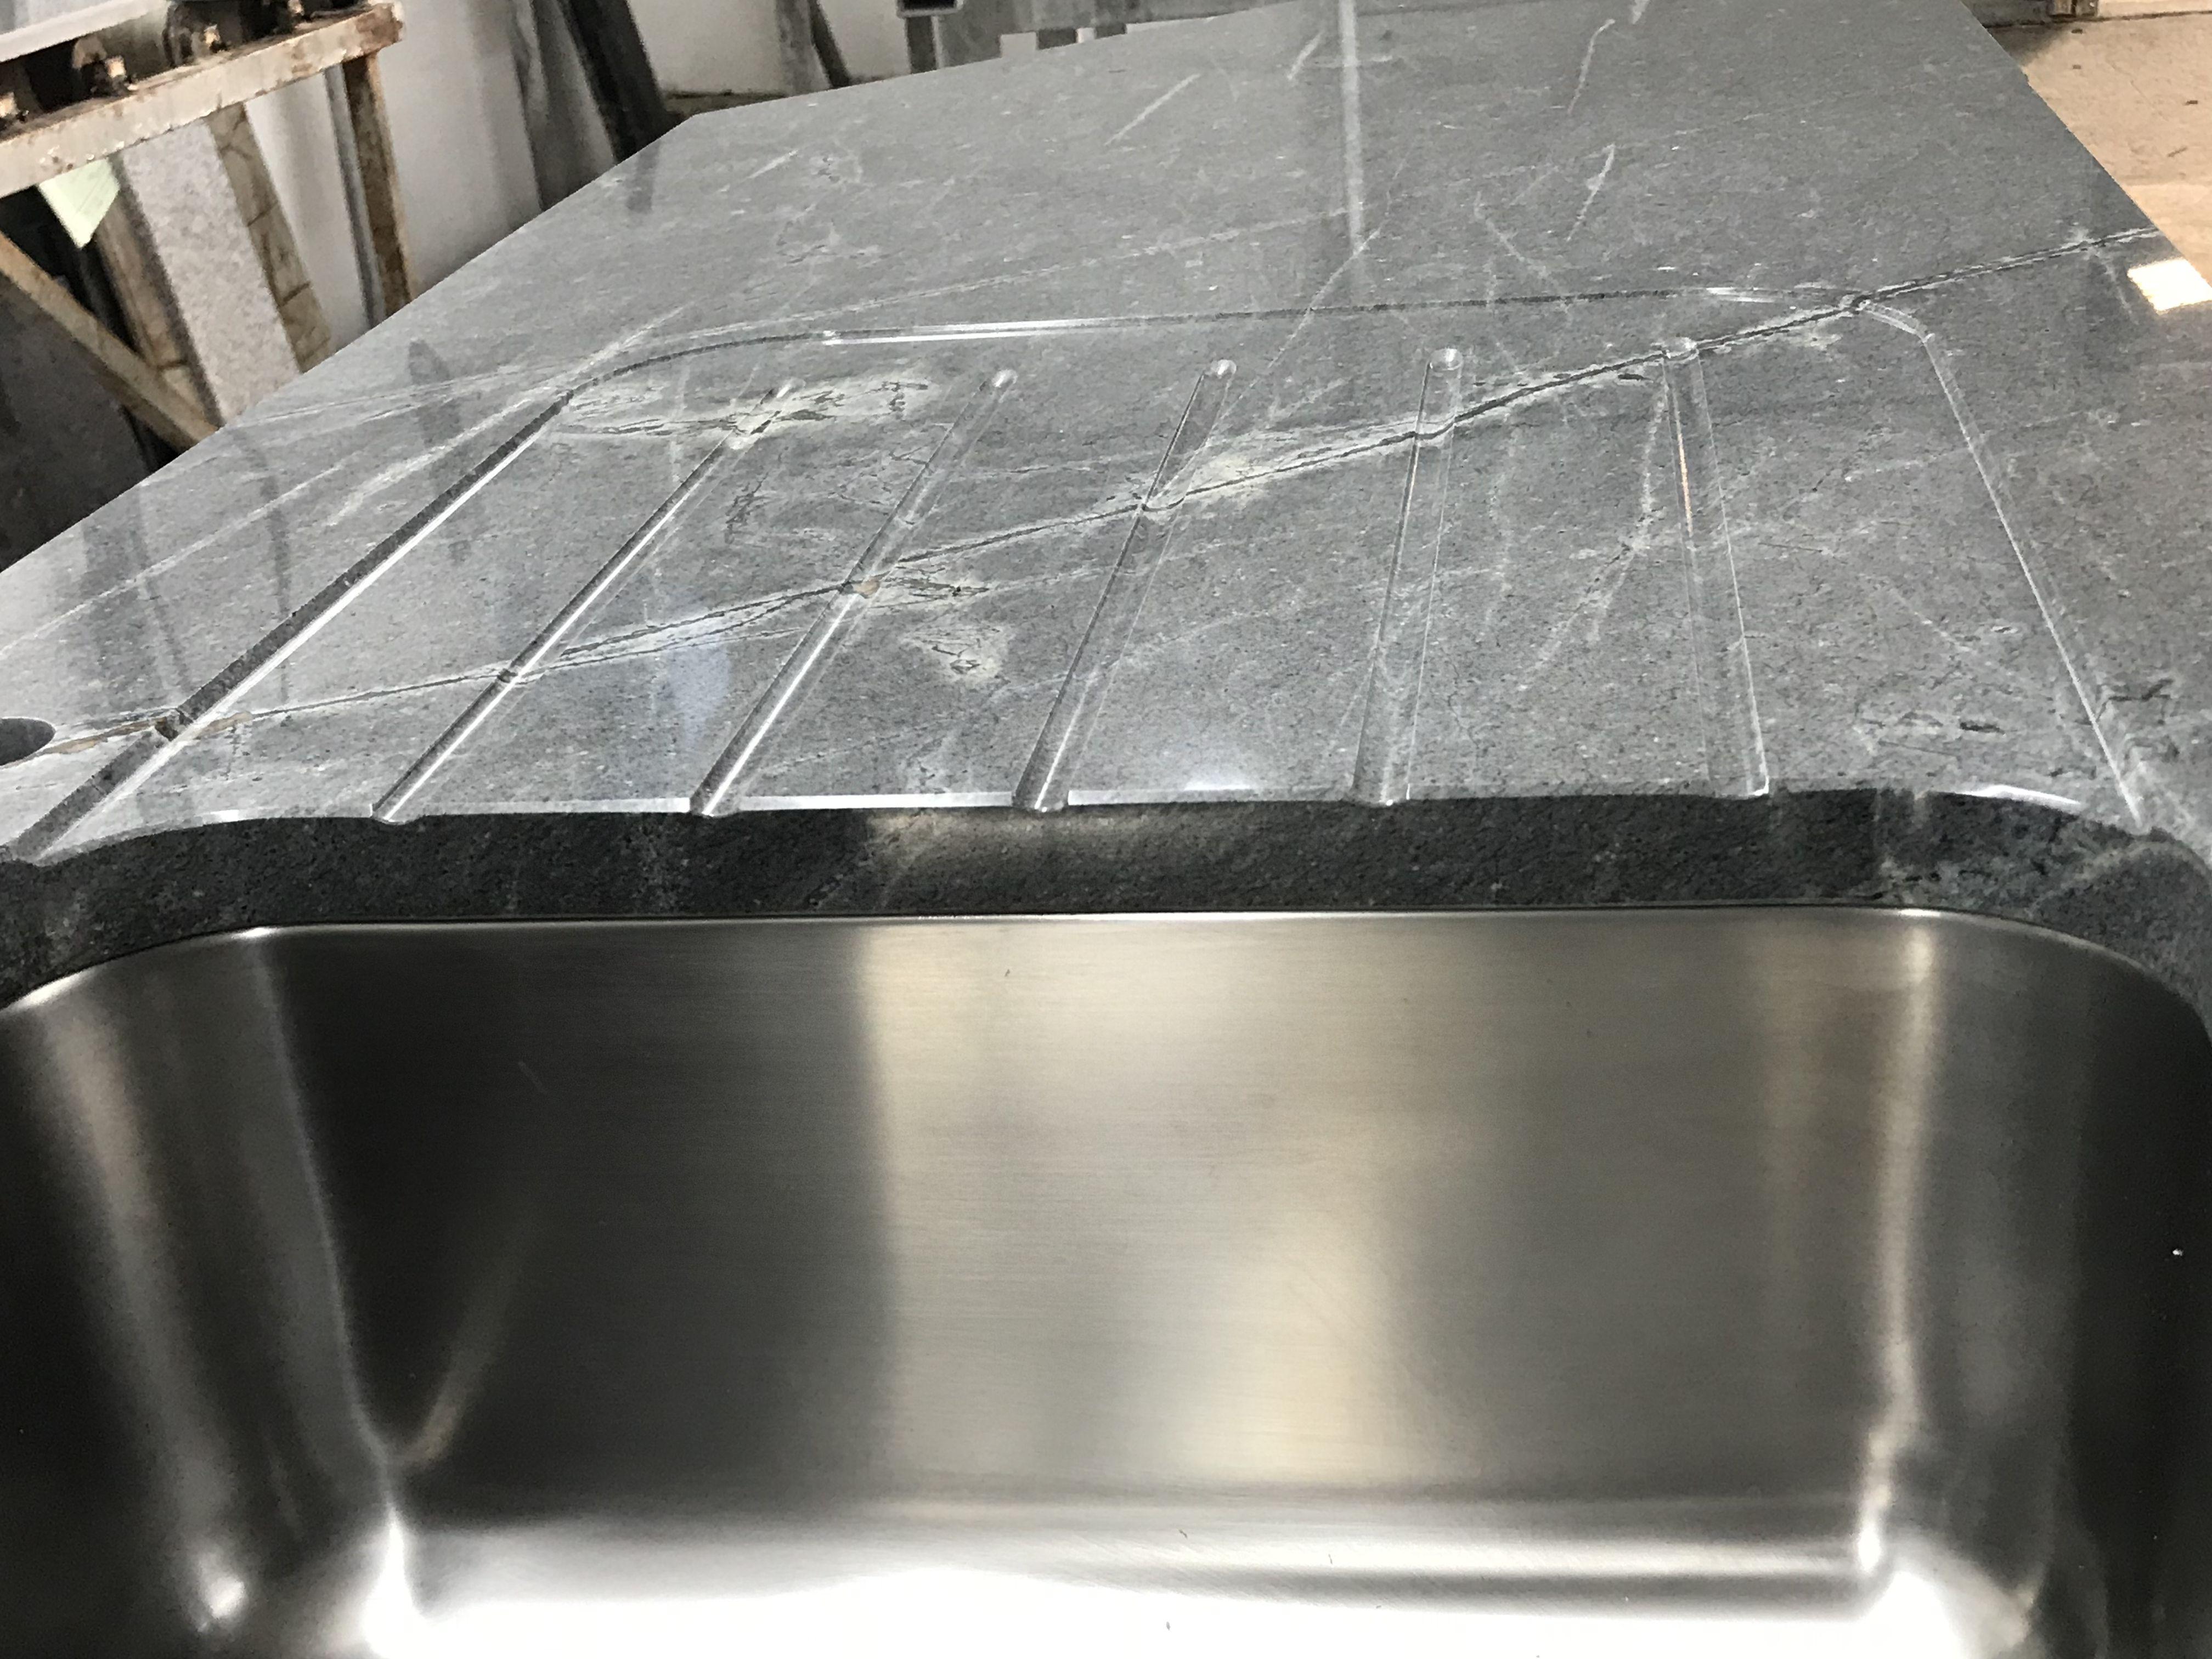 Stein Kuchenarbeitsplatte Countertops Granitecountertops Granitarbeitsplatte Abtropfrillen Granit Arbeitsplatte Kuchenarbeitsplatte Steinmetz